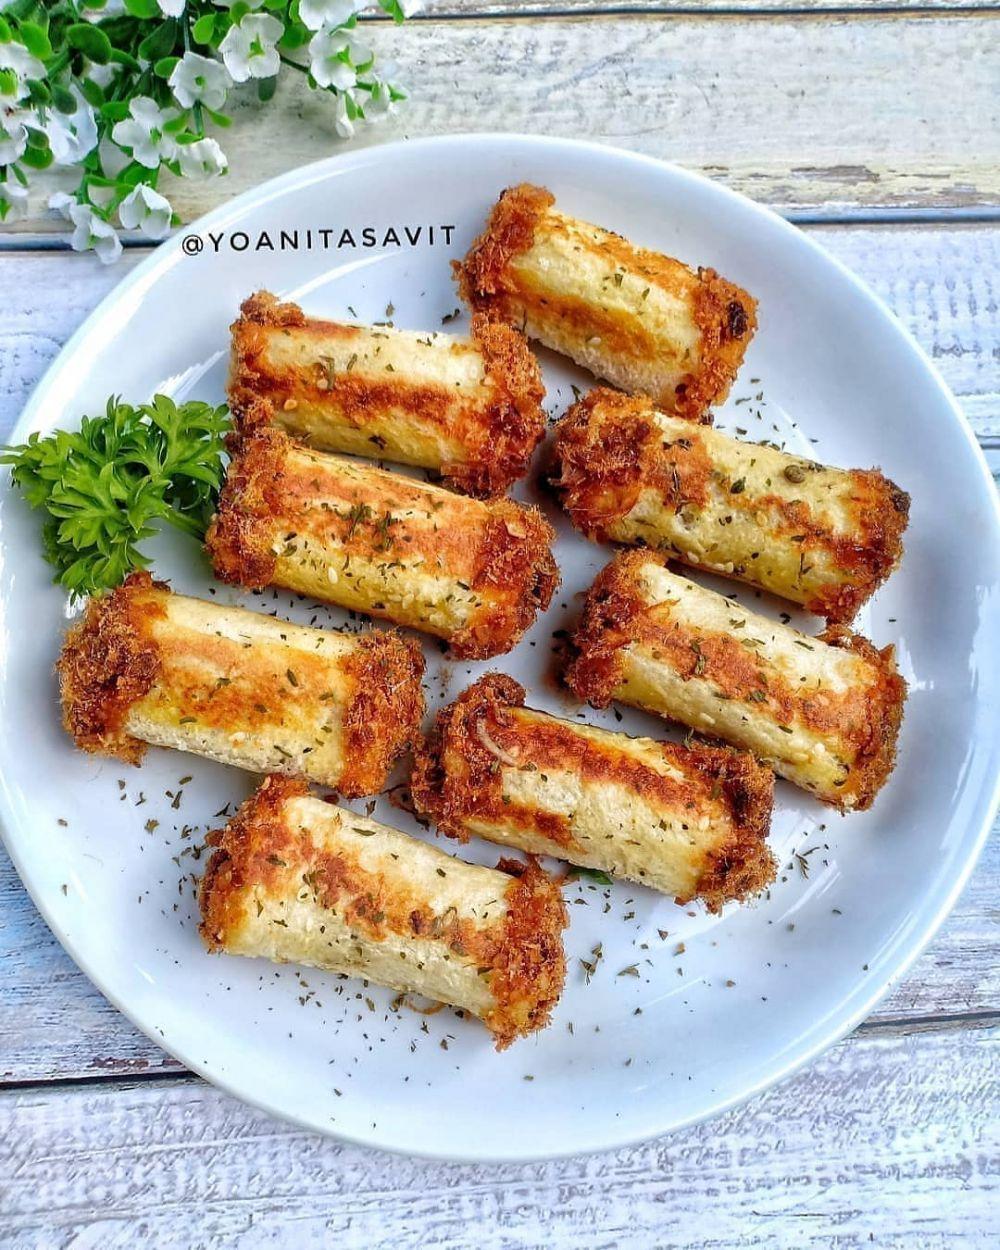 11 Resep Camilan Unik Enak Temani Libur Long Weekend Instagram Genikayu Isty Saricakes Resep Roti Gulung Masakan Unik